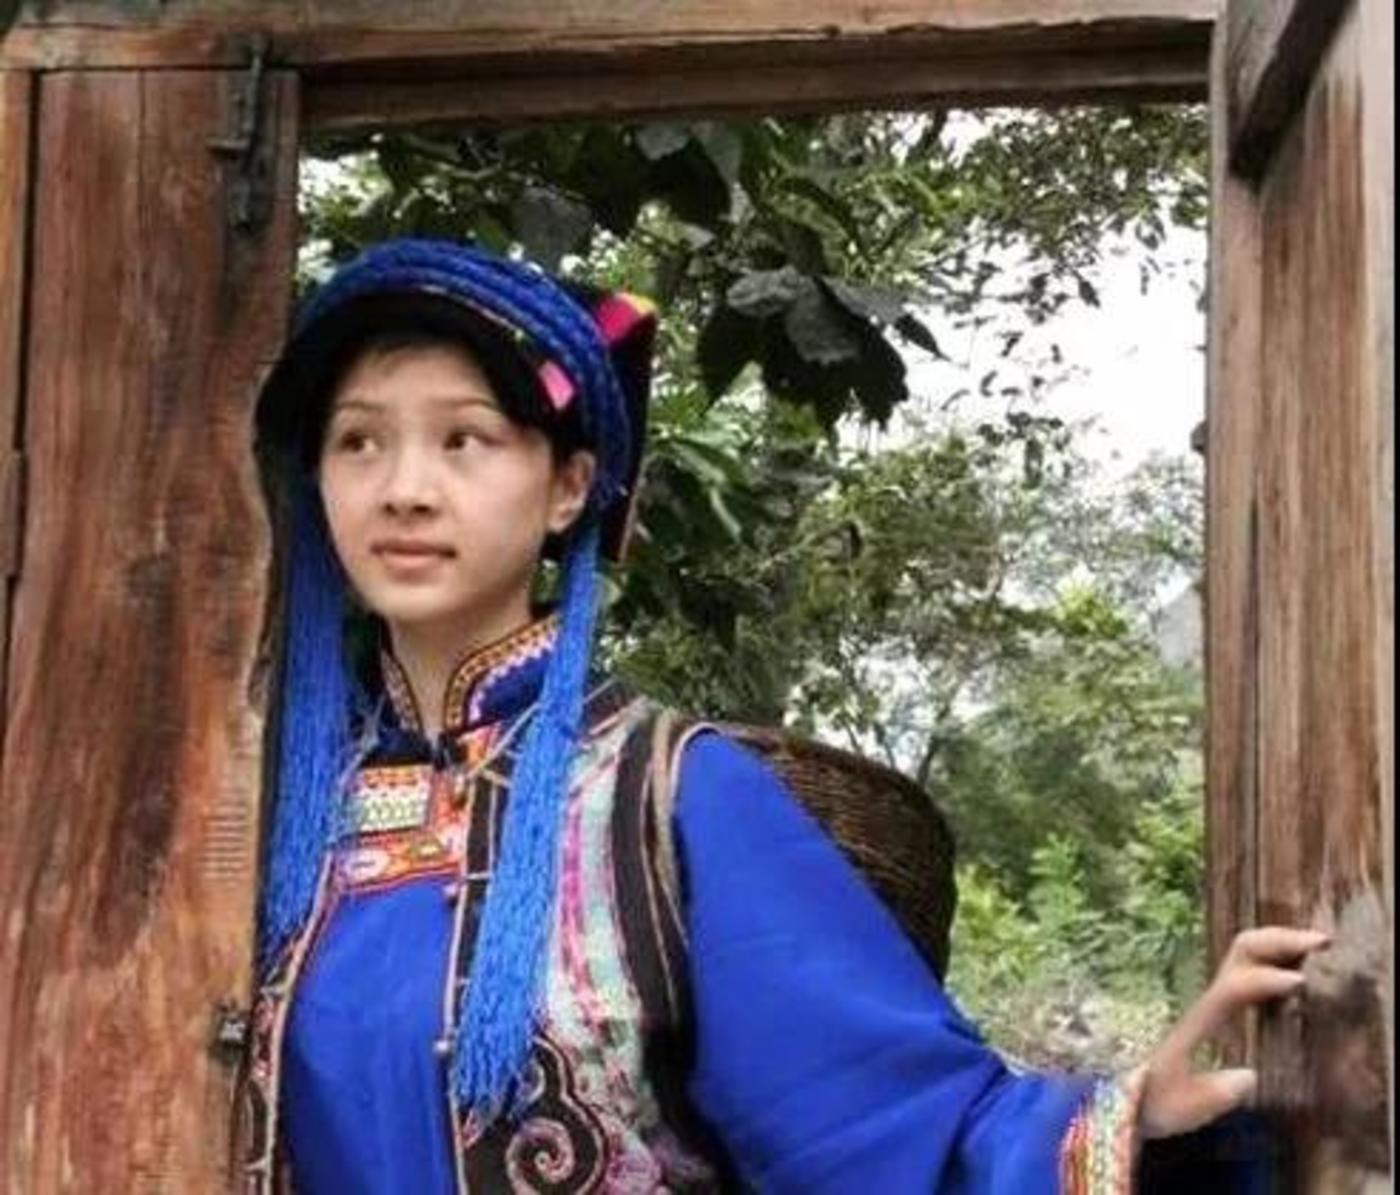 """偶然爆红网络尔后进军娱乐圈的""""天仙妹妹"""""""